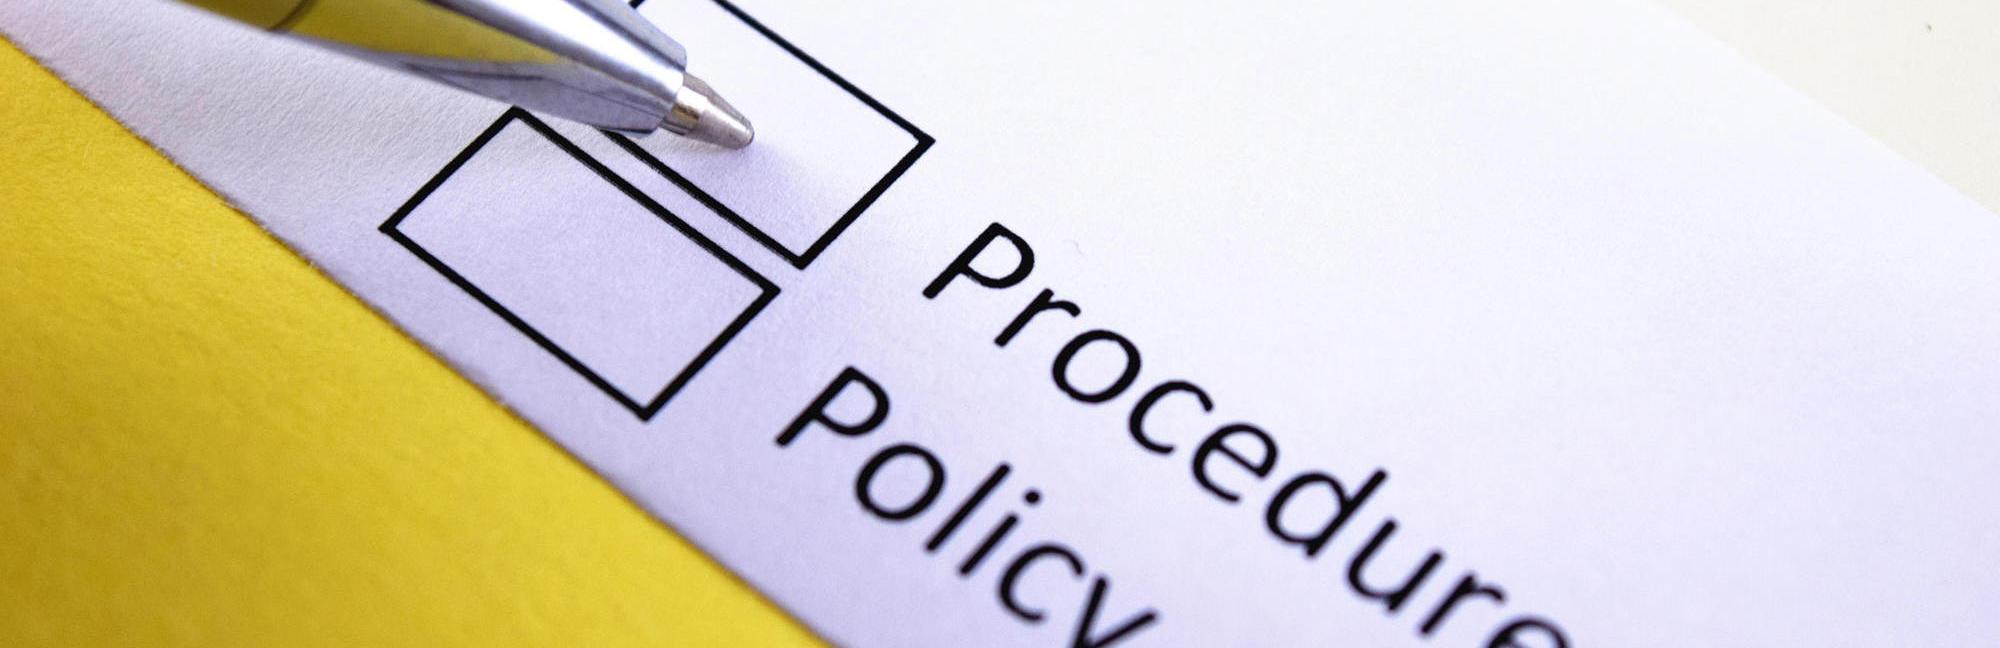 policyprocedures.jpg